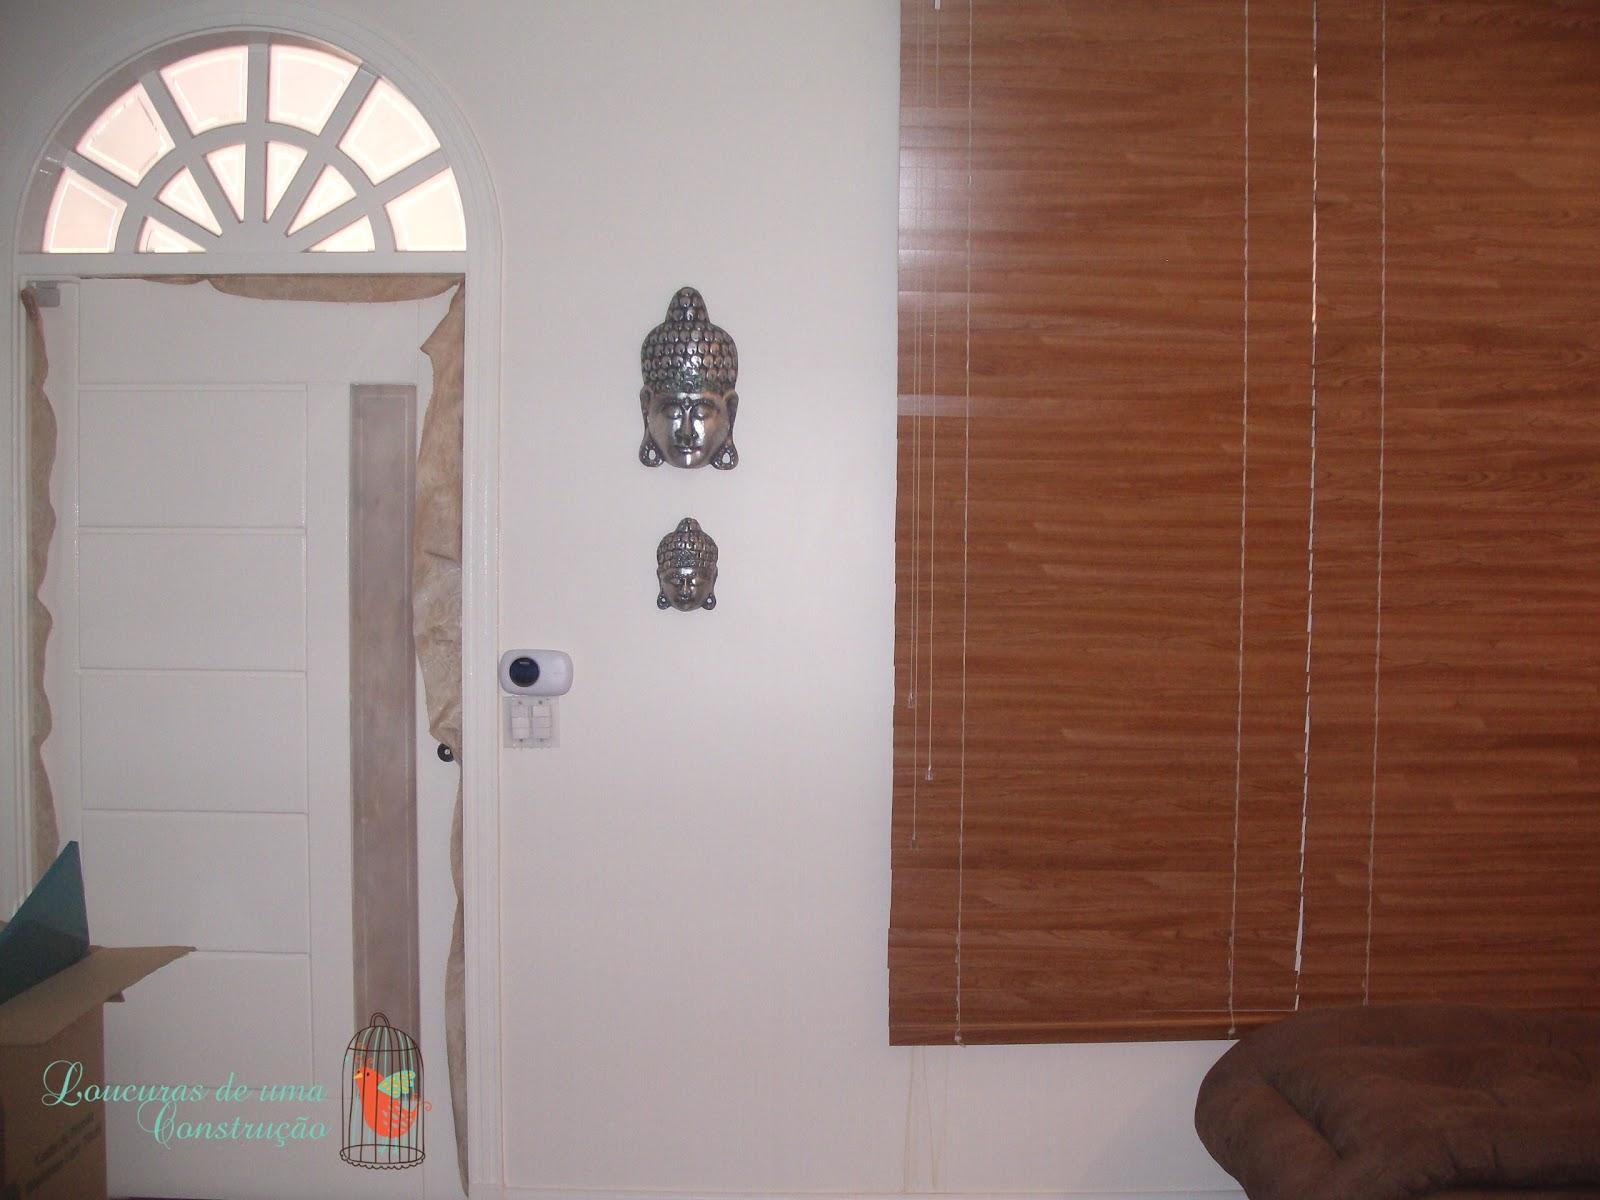 #A73D24 porta e janela foram mandados fazer com um carpinteiro não achei  624 Janelas Madeira Arco